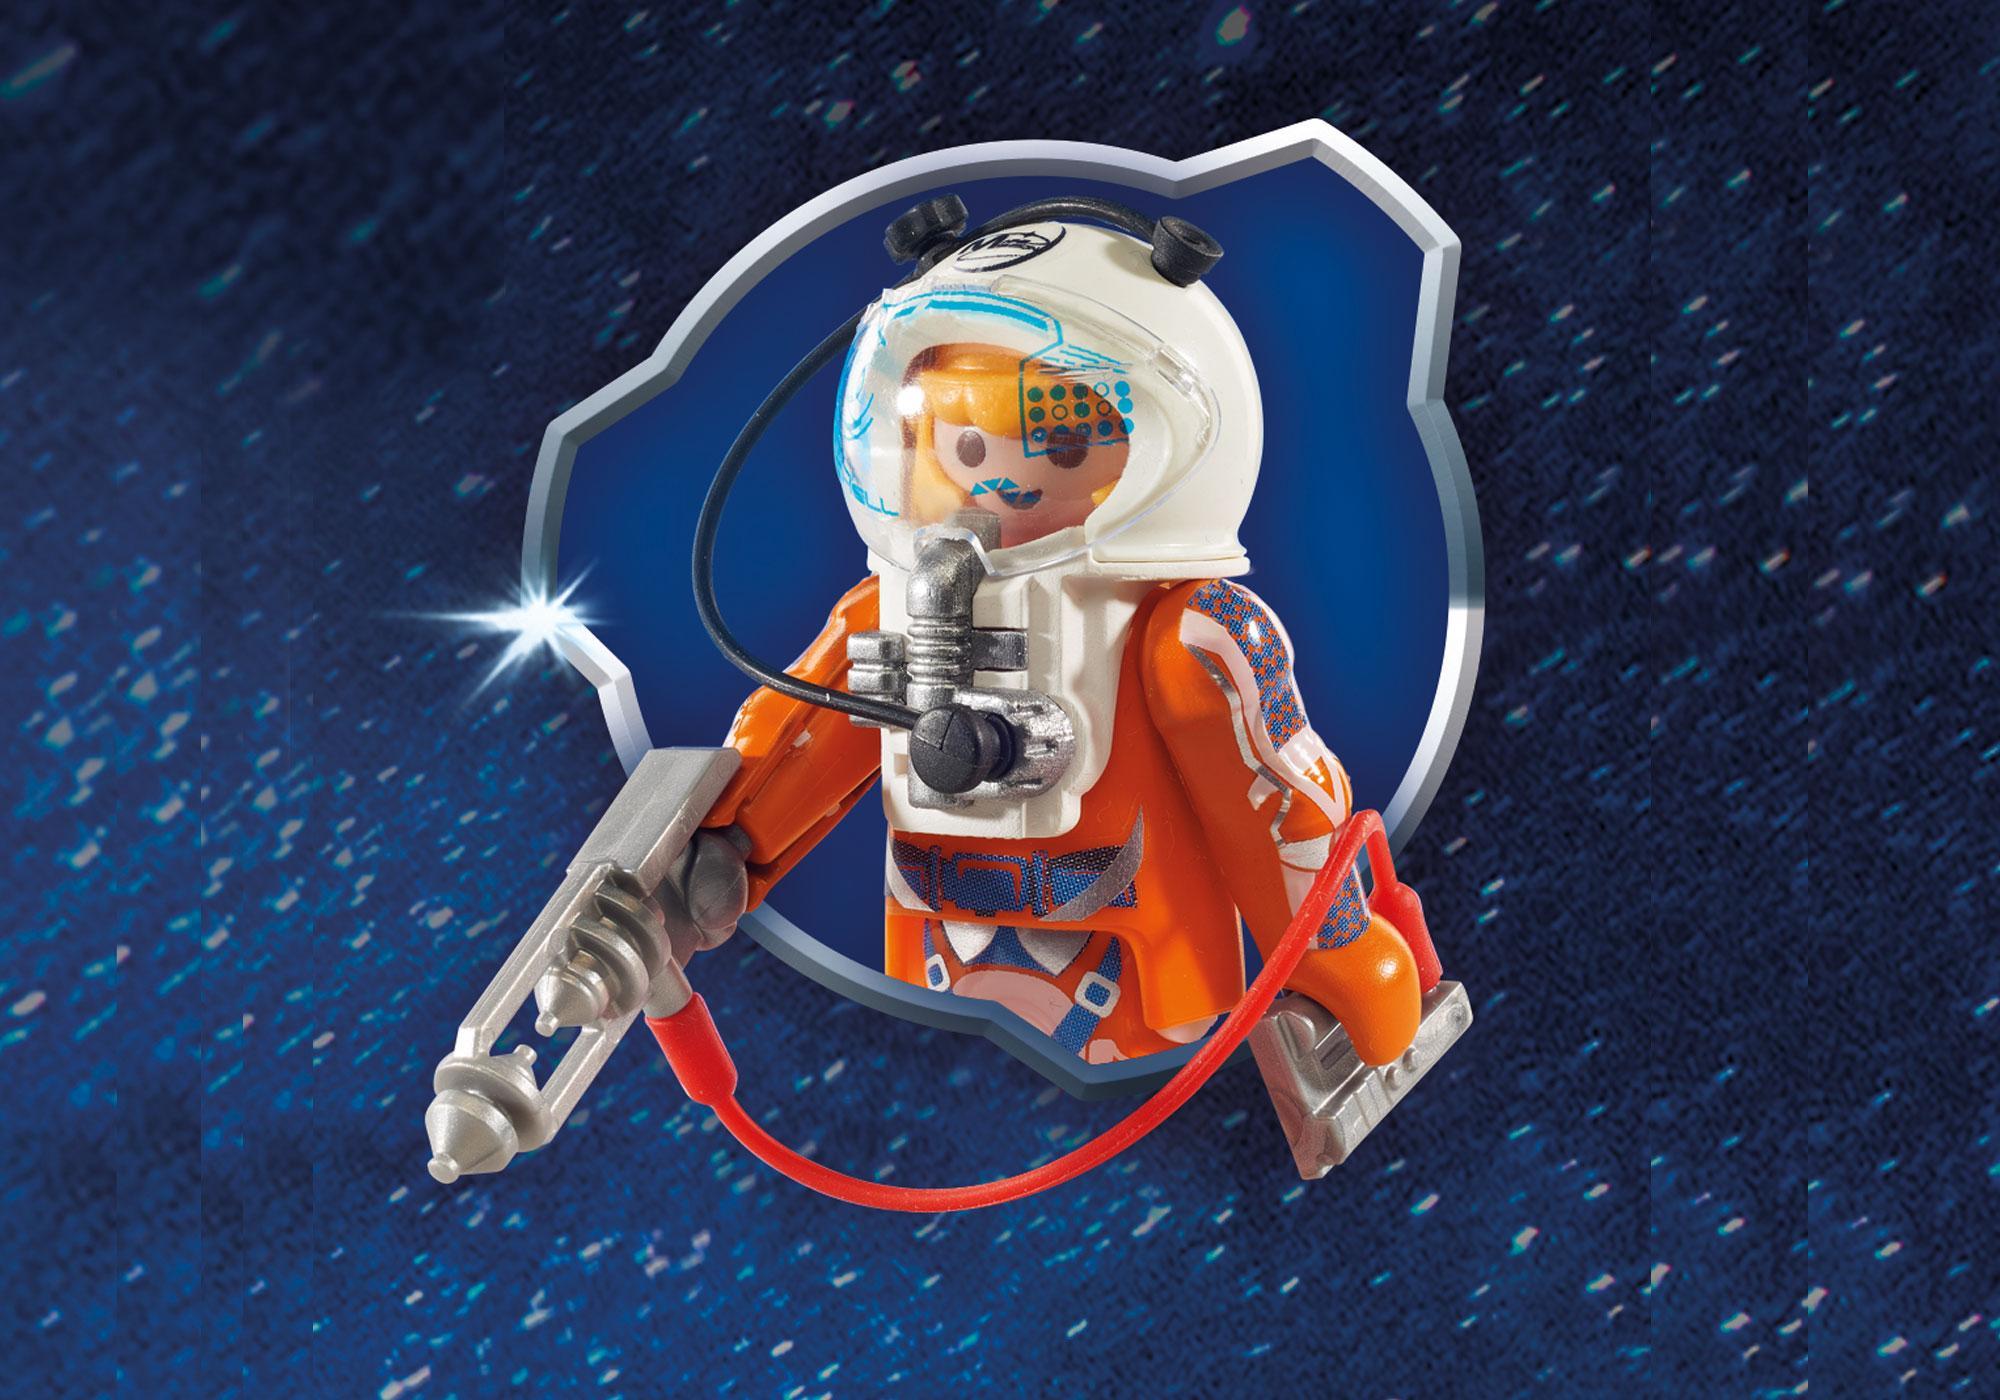 http://media.playmobil.com/i/playmobil/9488_product_extra2/Marsraket med avfyrningsplats